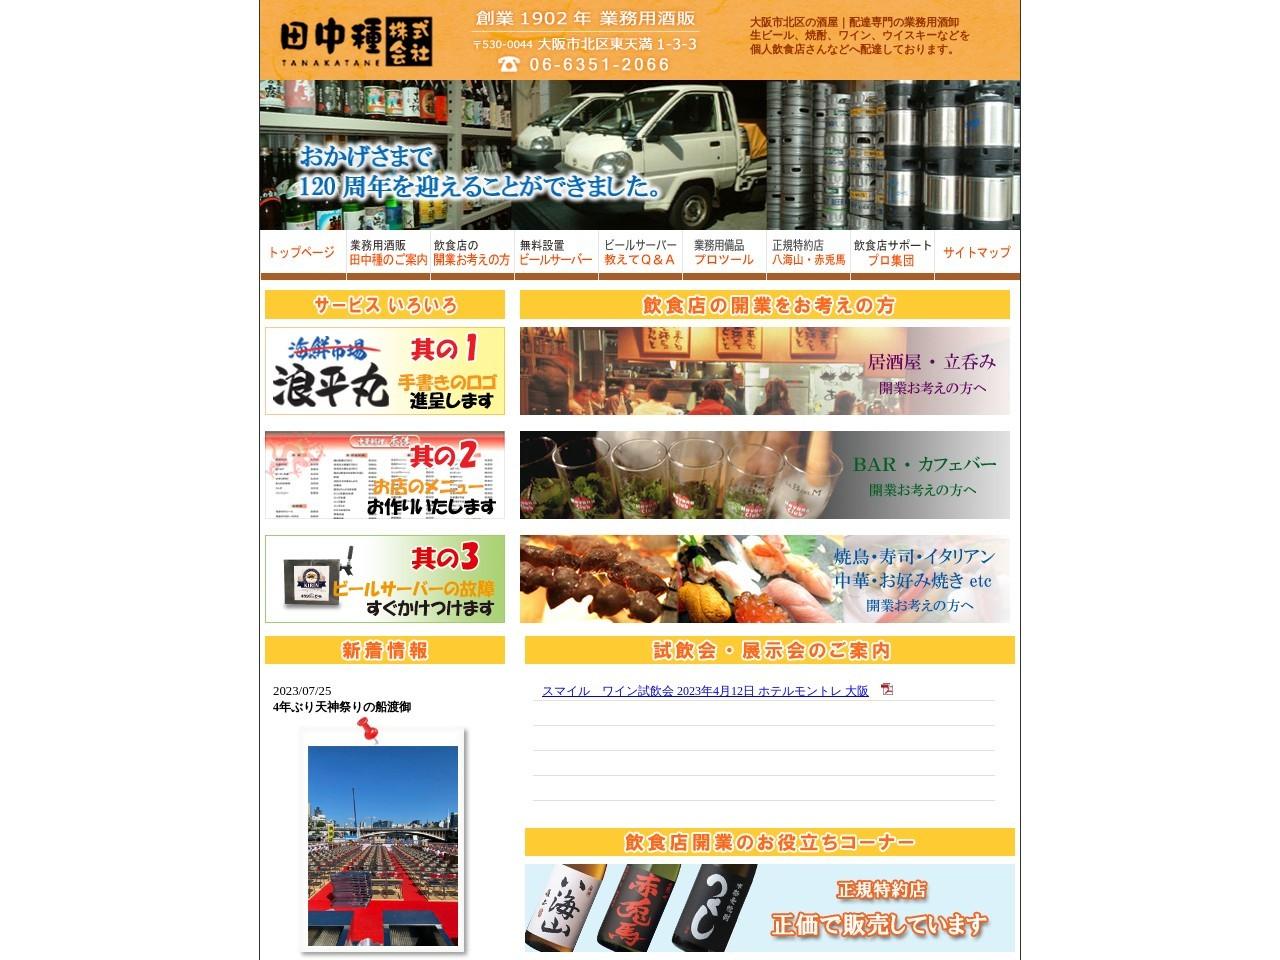 大阪|配達専門の業務用酒卸 田中種株式会社